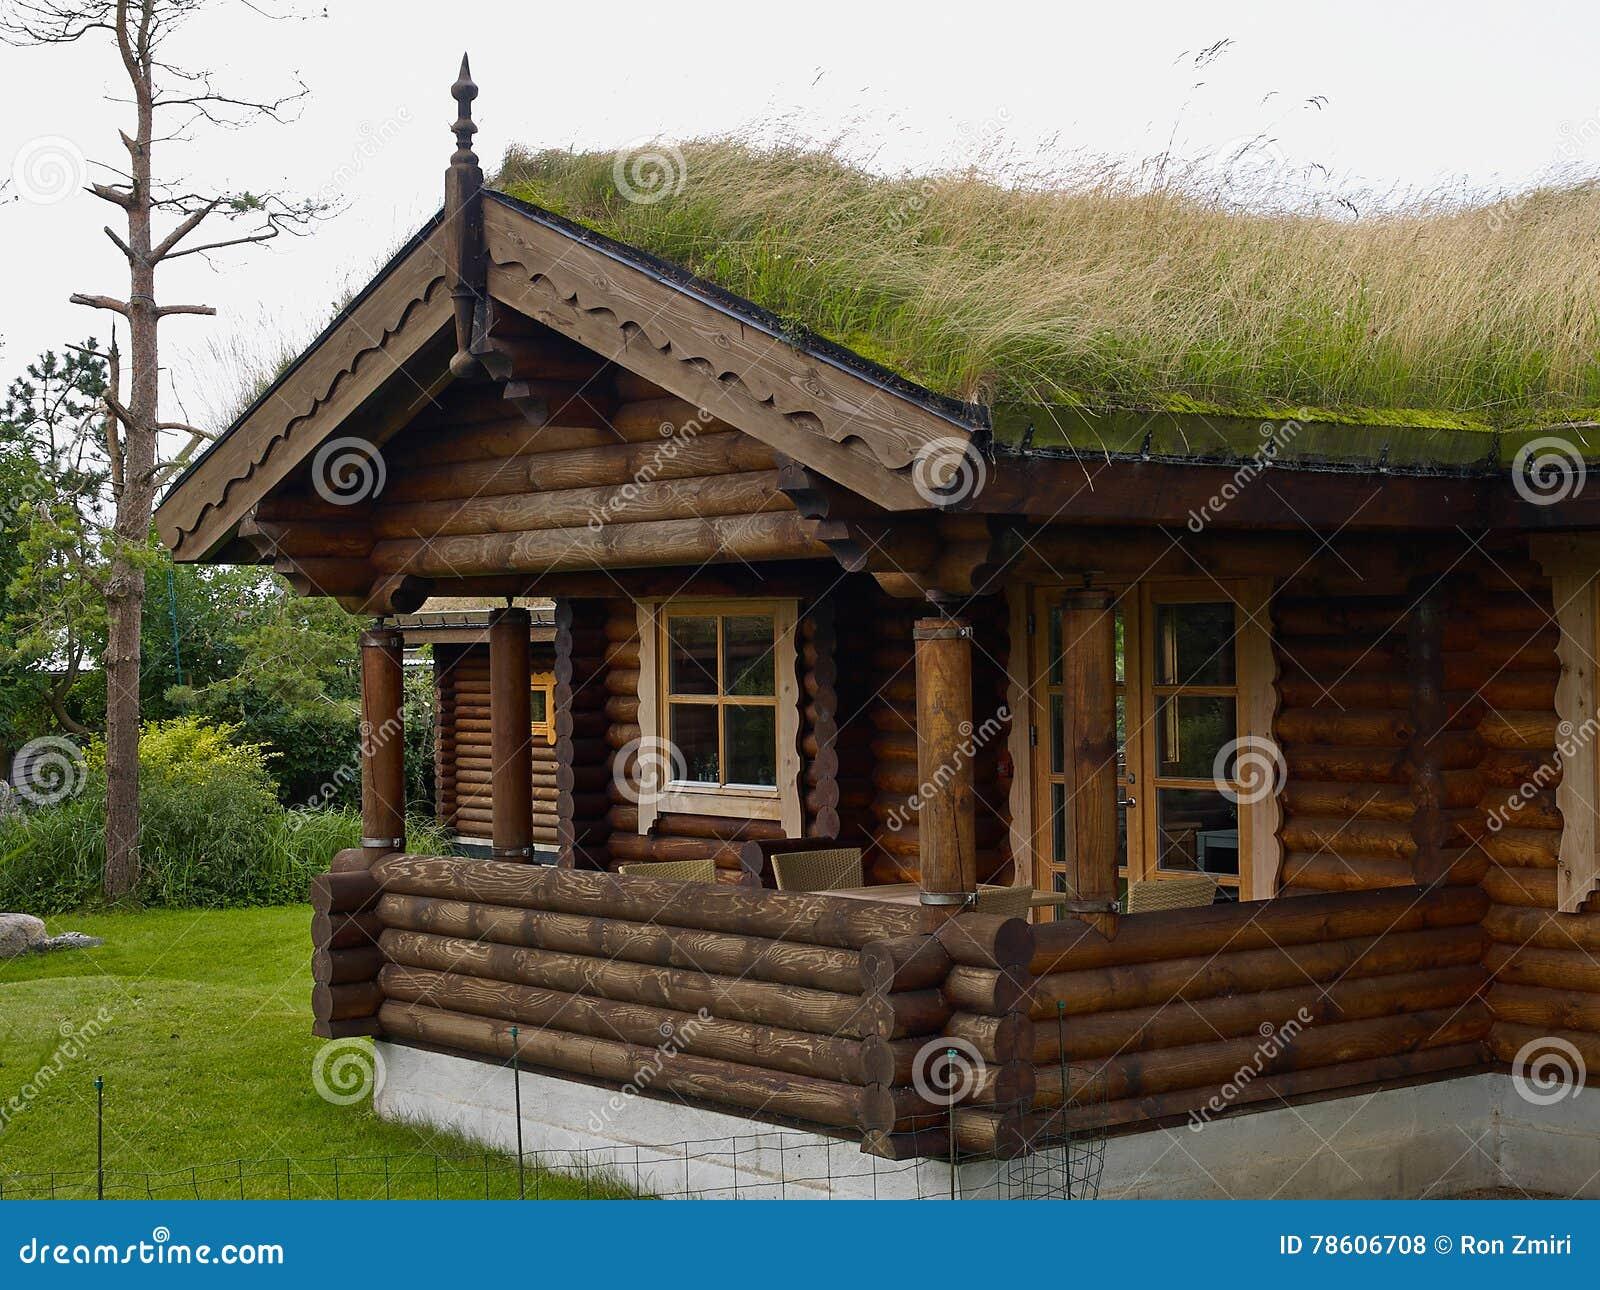 Case di montagna in legno interni case di montagna with for Tegole del tetto della casetta